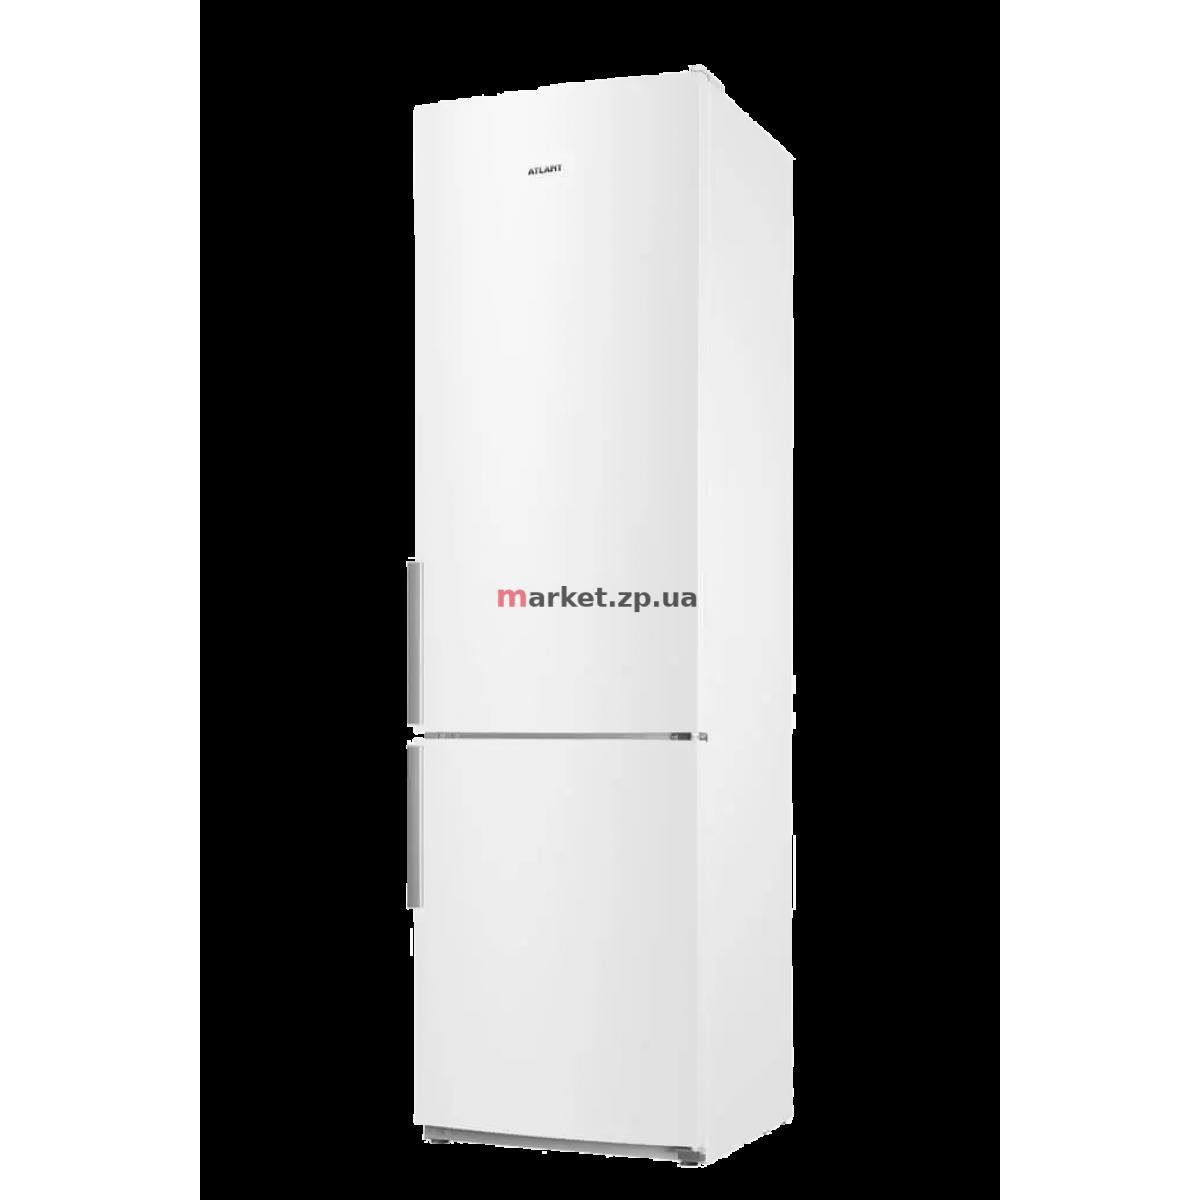 Холодильник ATLANT XM-4426-500-N